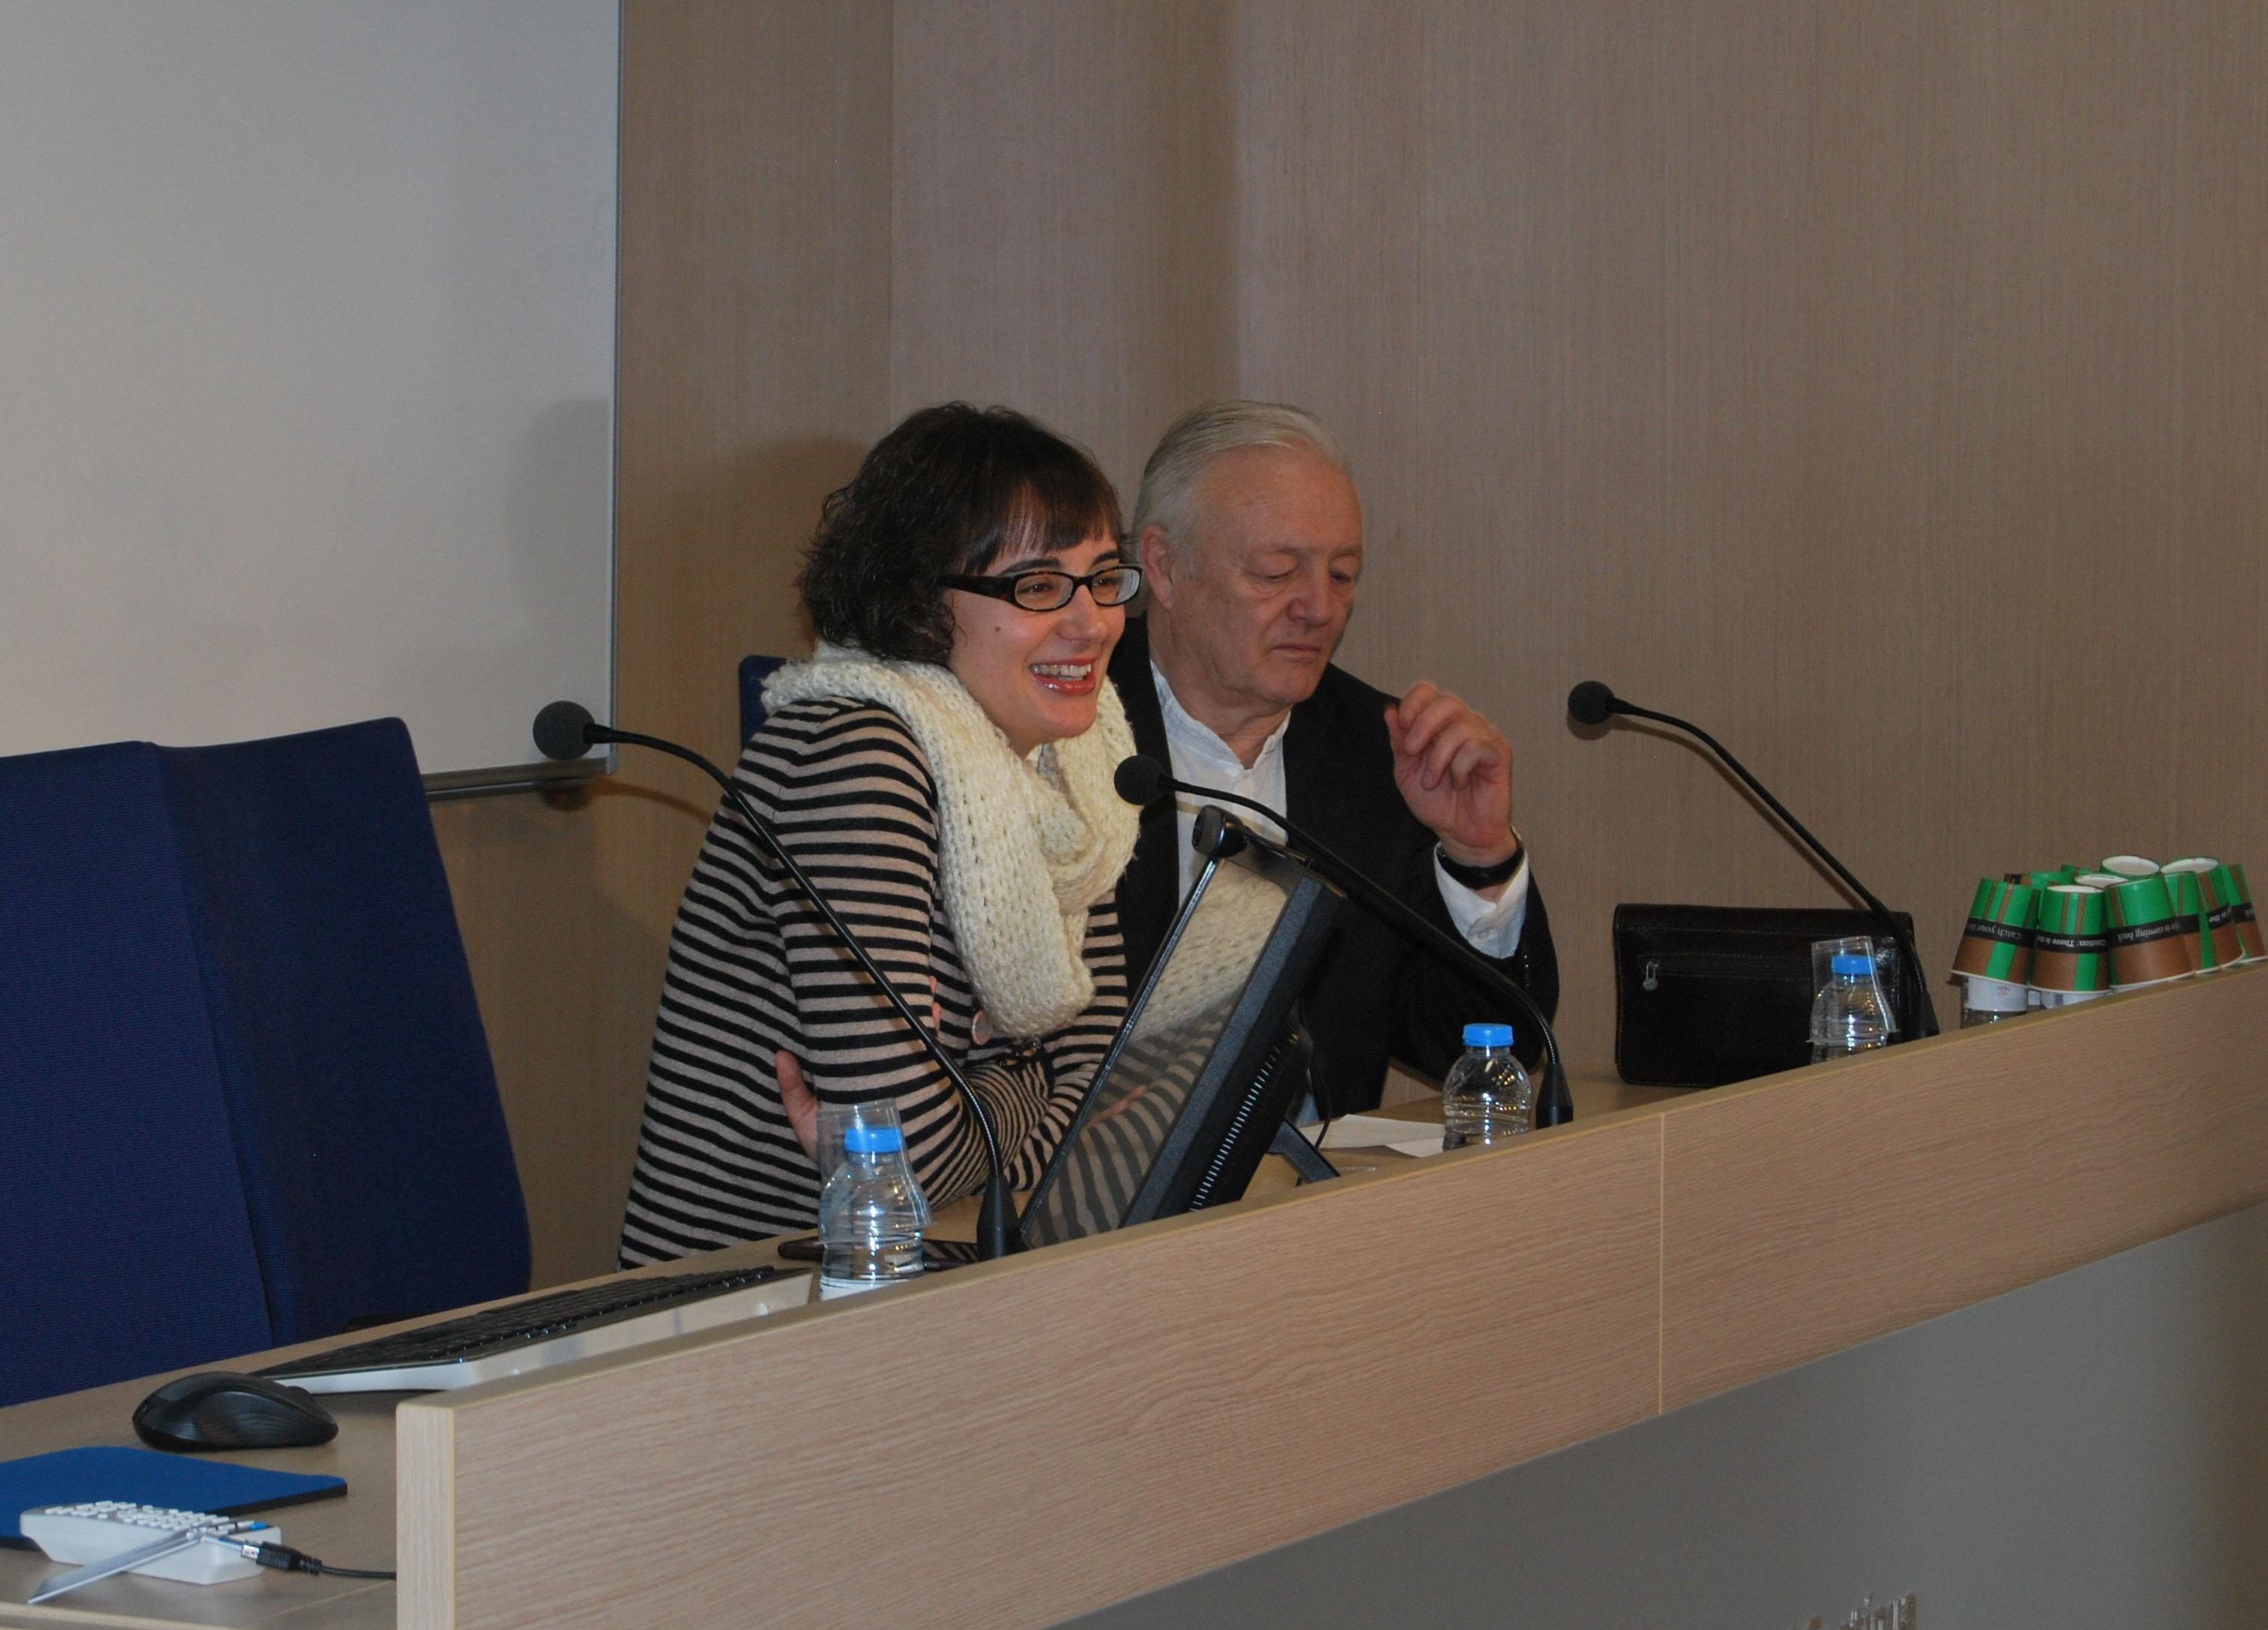 Mercedes Vidal, Regidora de Movilidad del Ayuntamiento de Barcelona, da la bienvenida a los asistentes